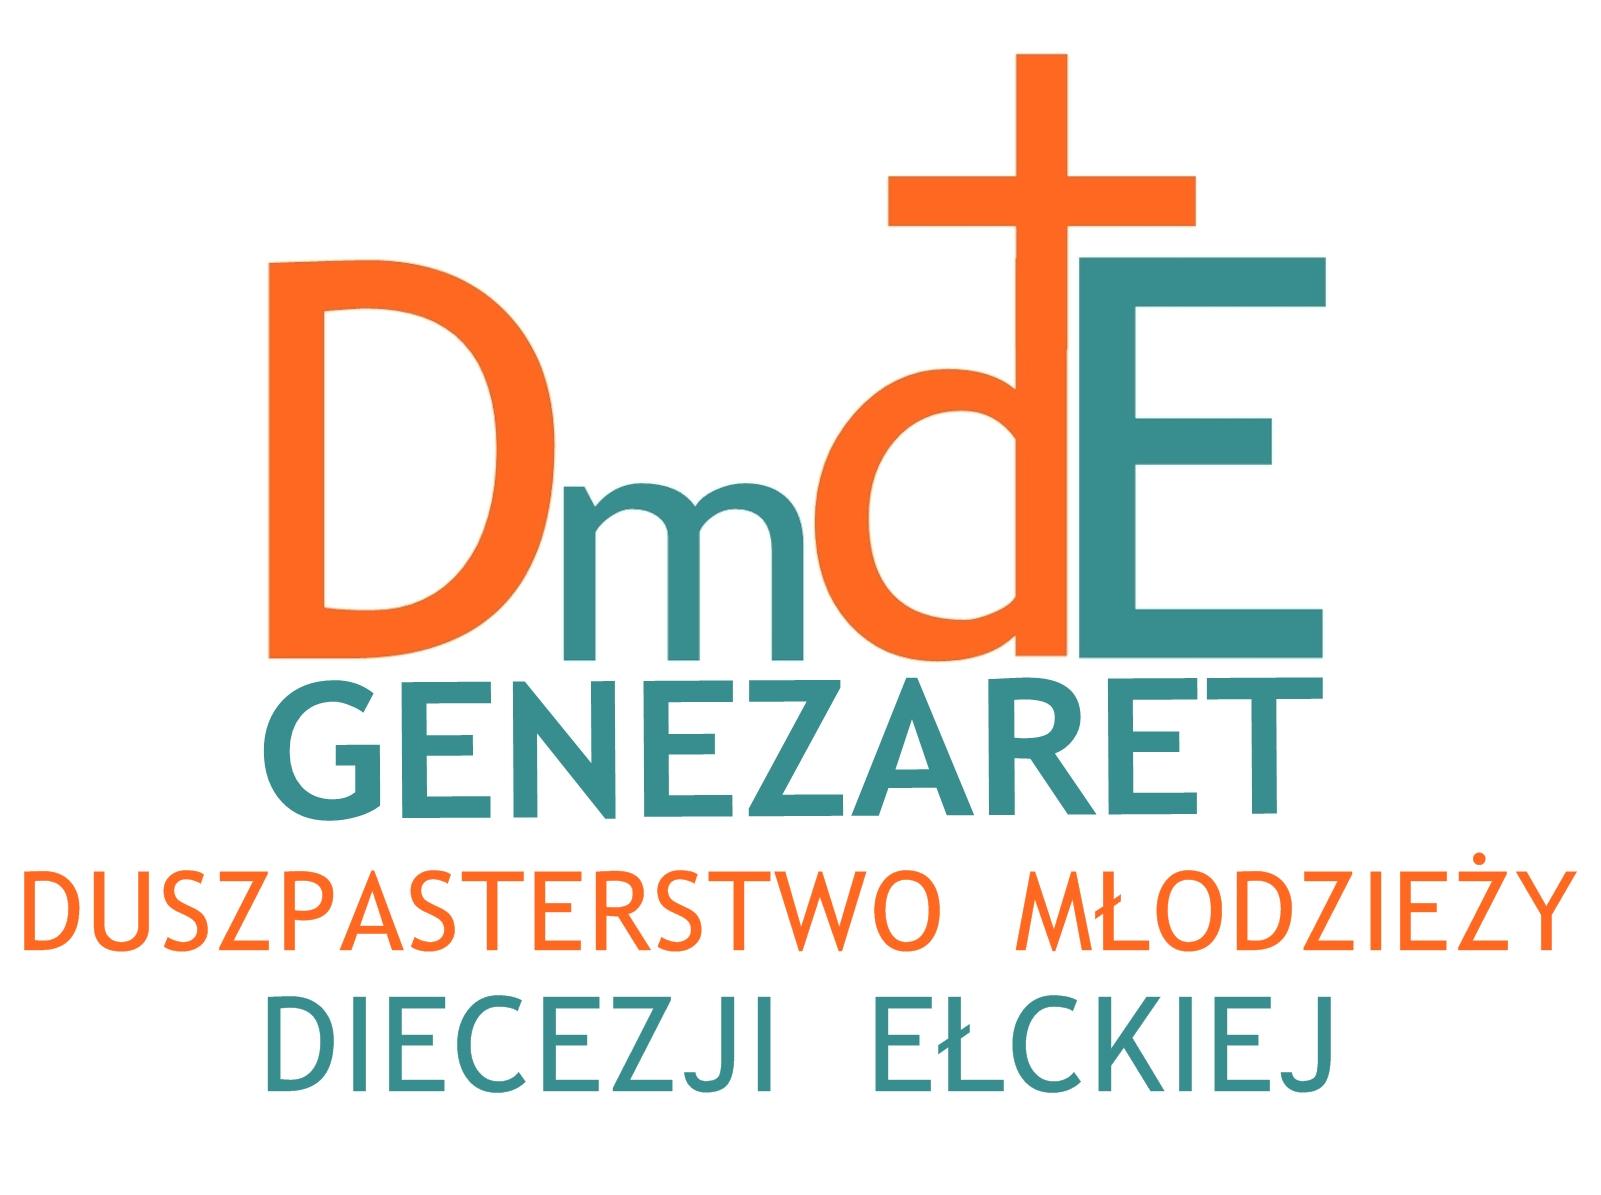 Duszpasterstwo Młodzieży Diecezji Ełckiej GENEZARET